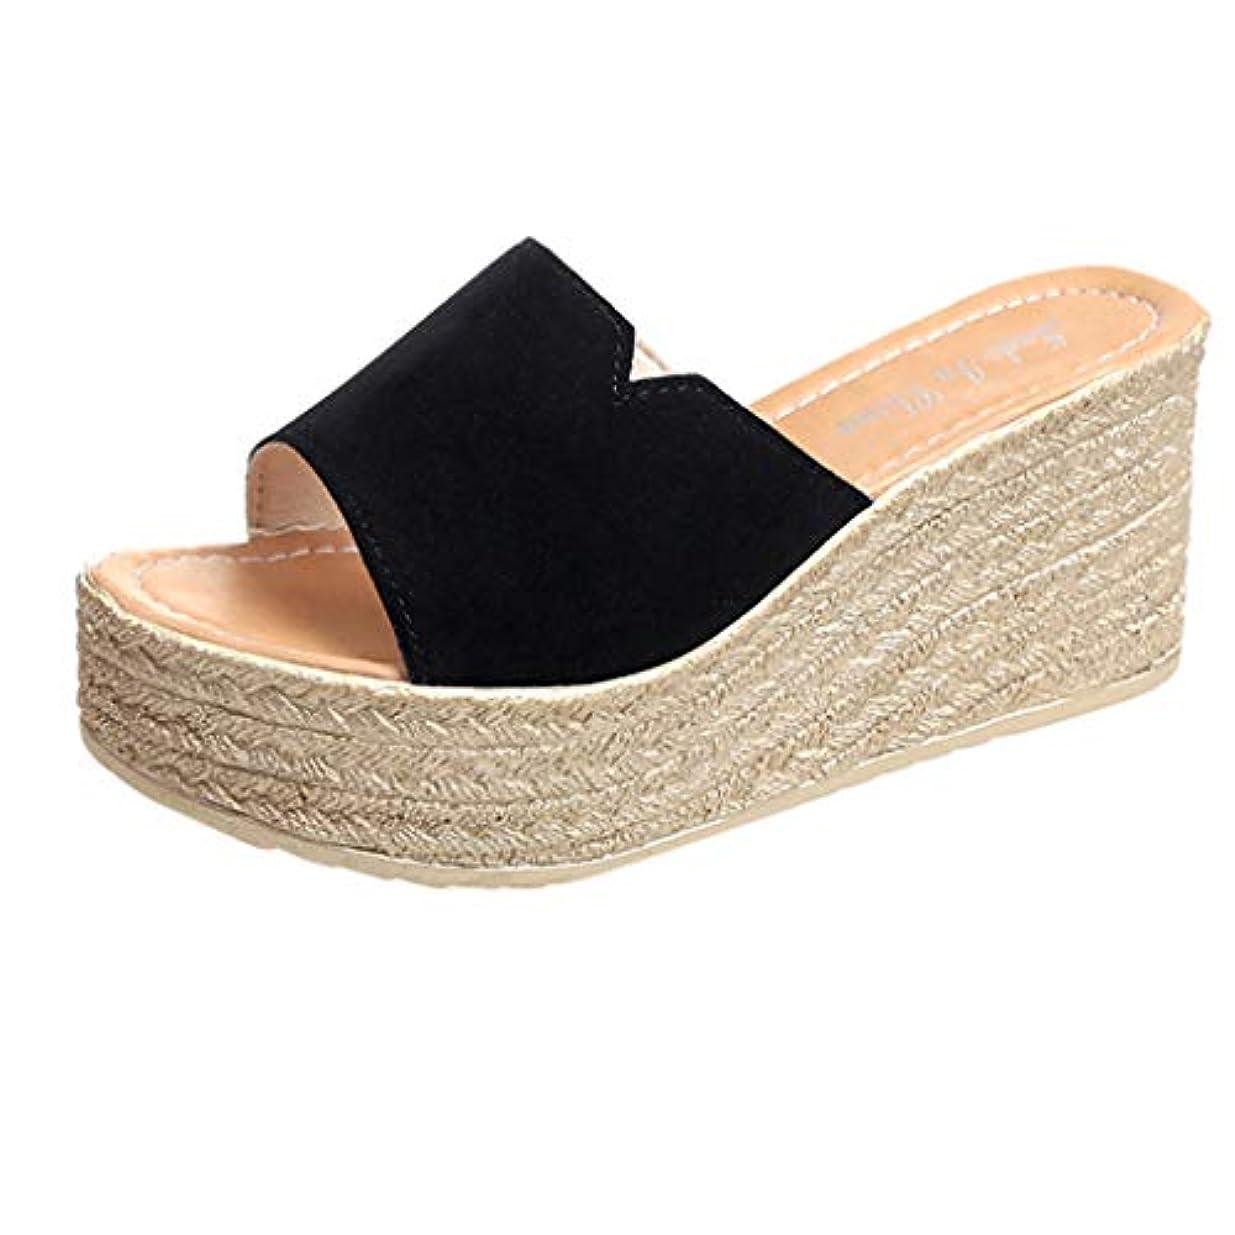 出血端ほこりっぽいウェッジソール ミュール Foreted ビーチサンダル 履き心地 厚底靴 日常着用 オープントゥ 下履き スリッパ 痛くない 夏 海